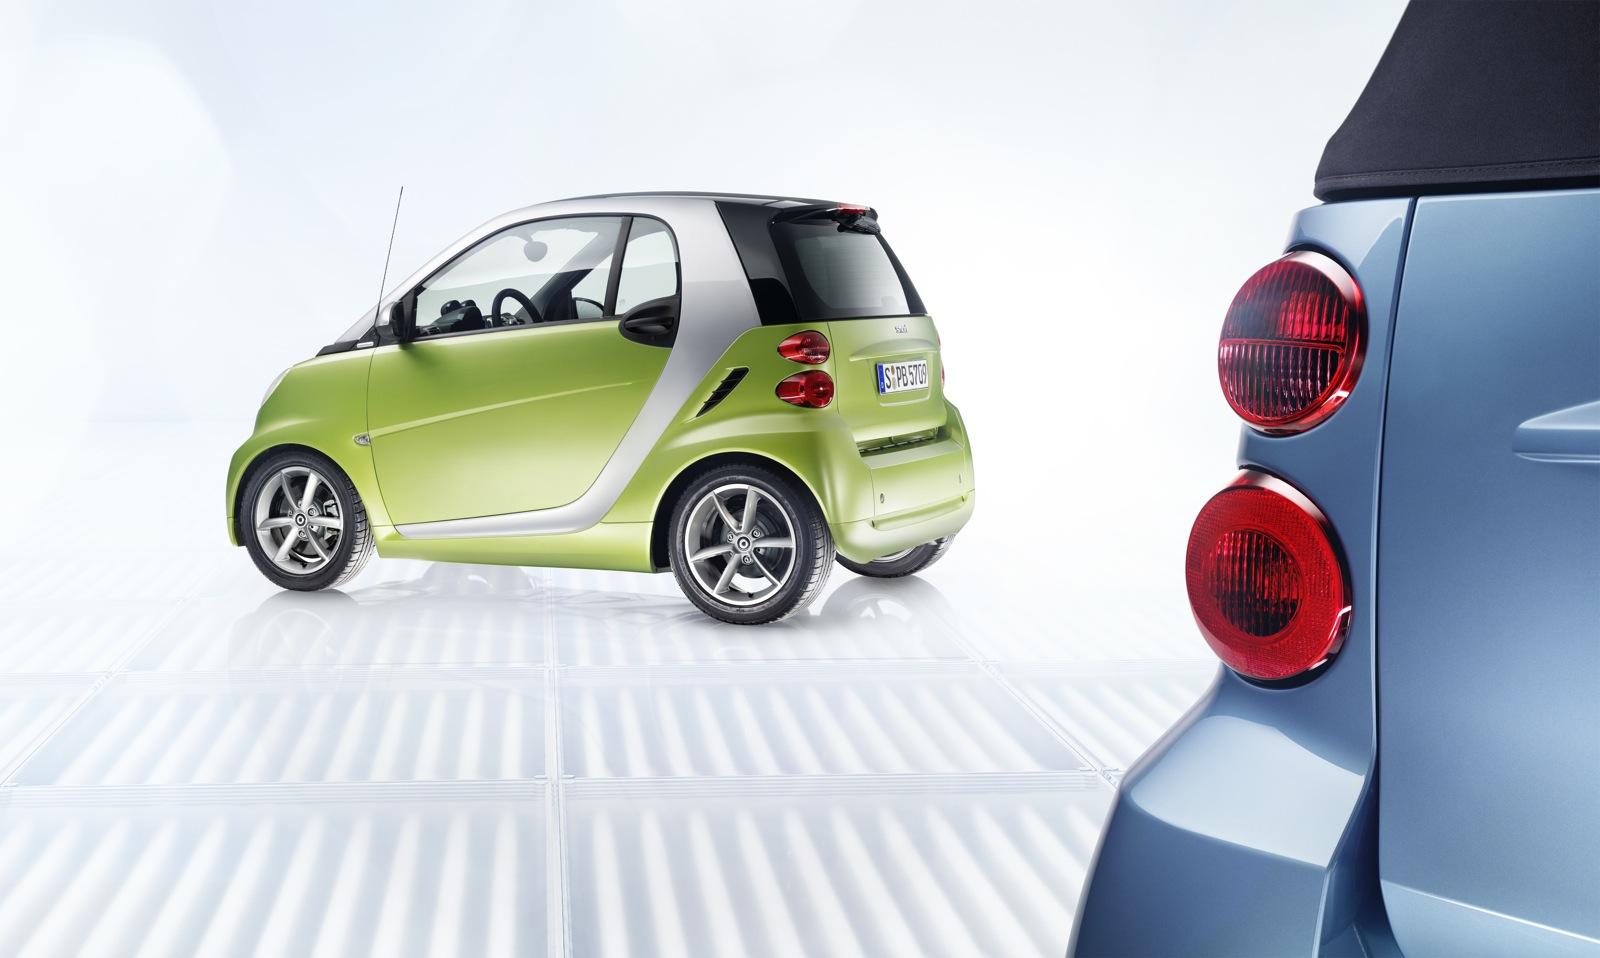 smart fortwo 2010 verde